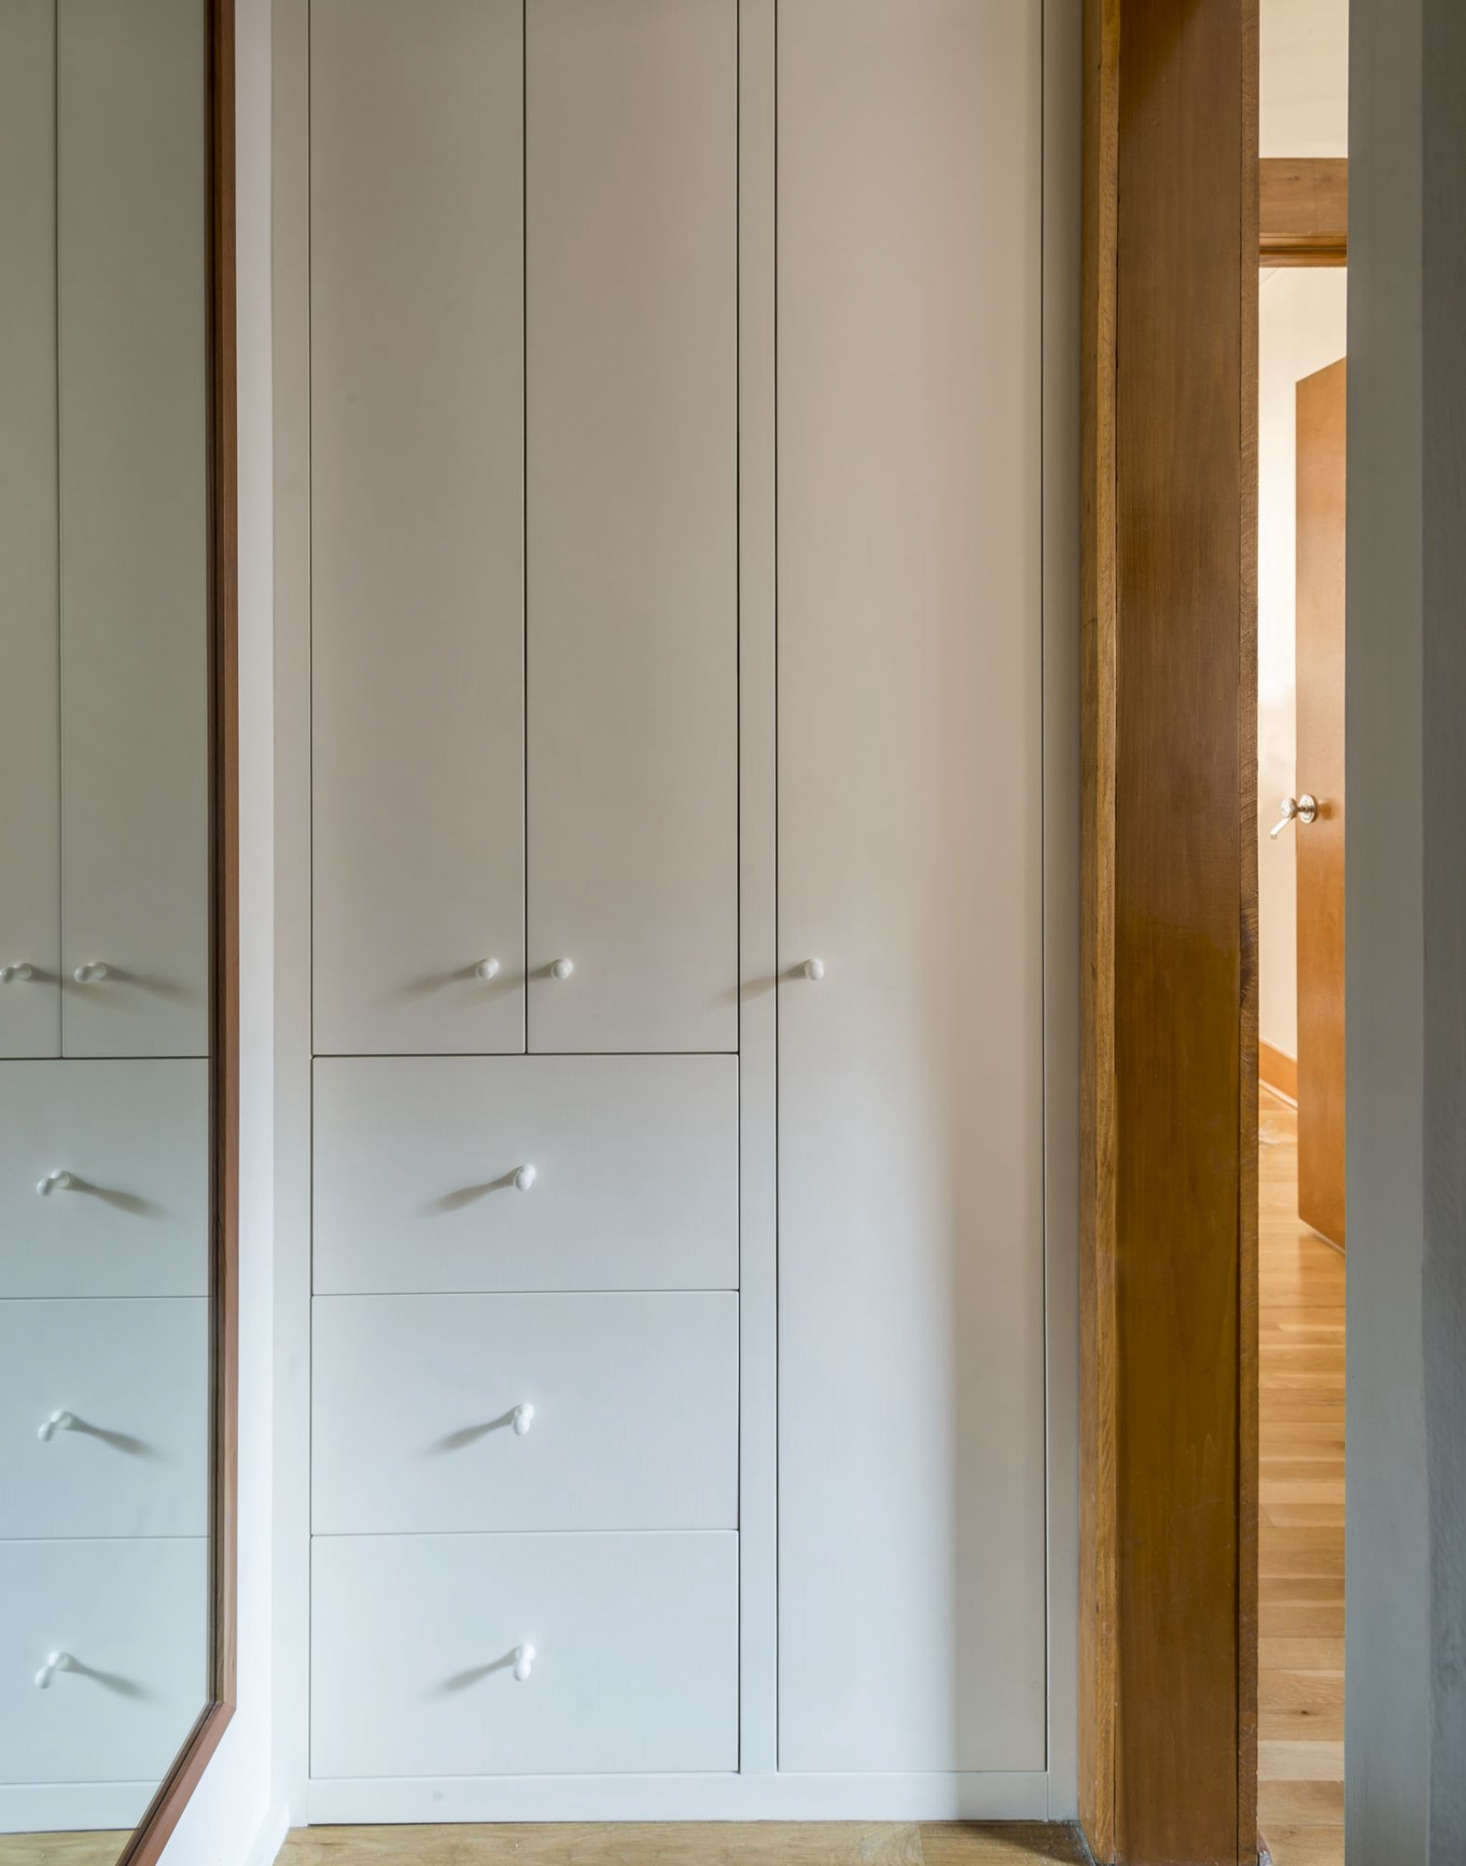 Workstead Design Bathroom Built In Storage Cabinet, Mathew Williams Photo